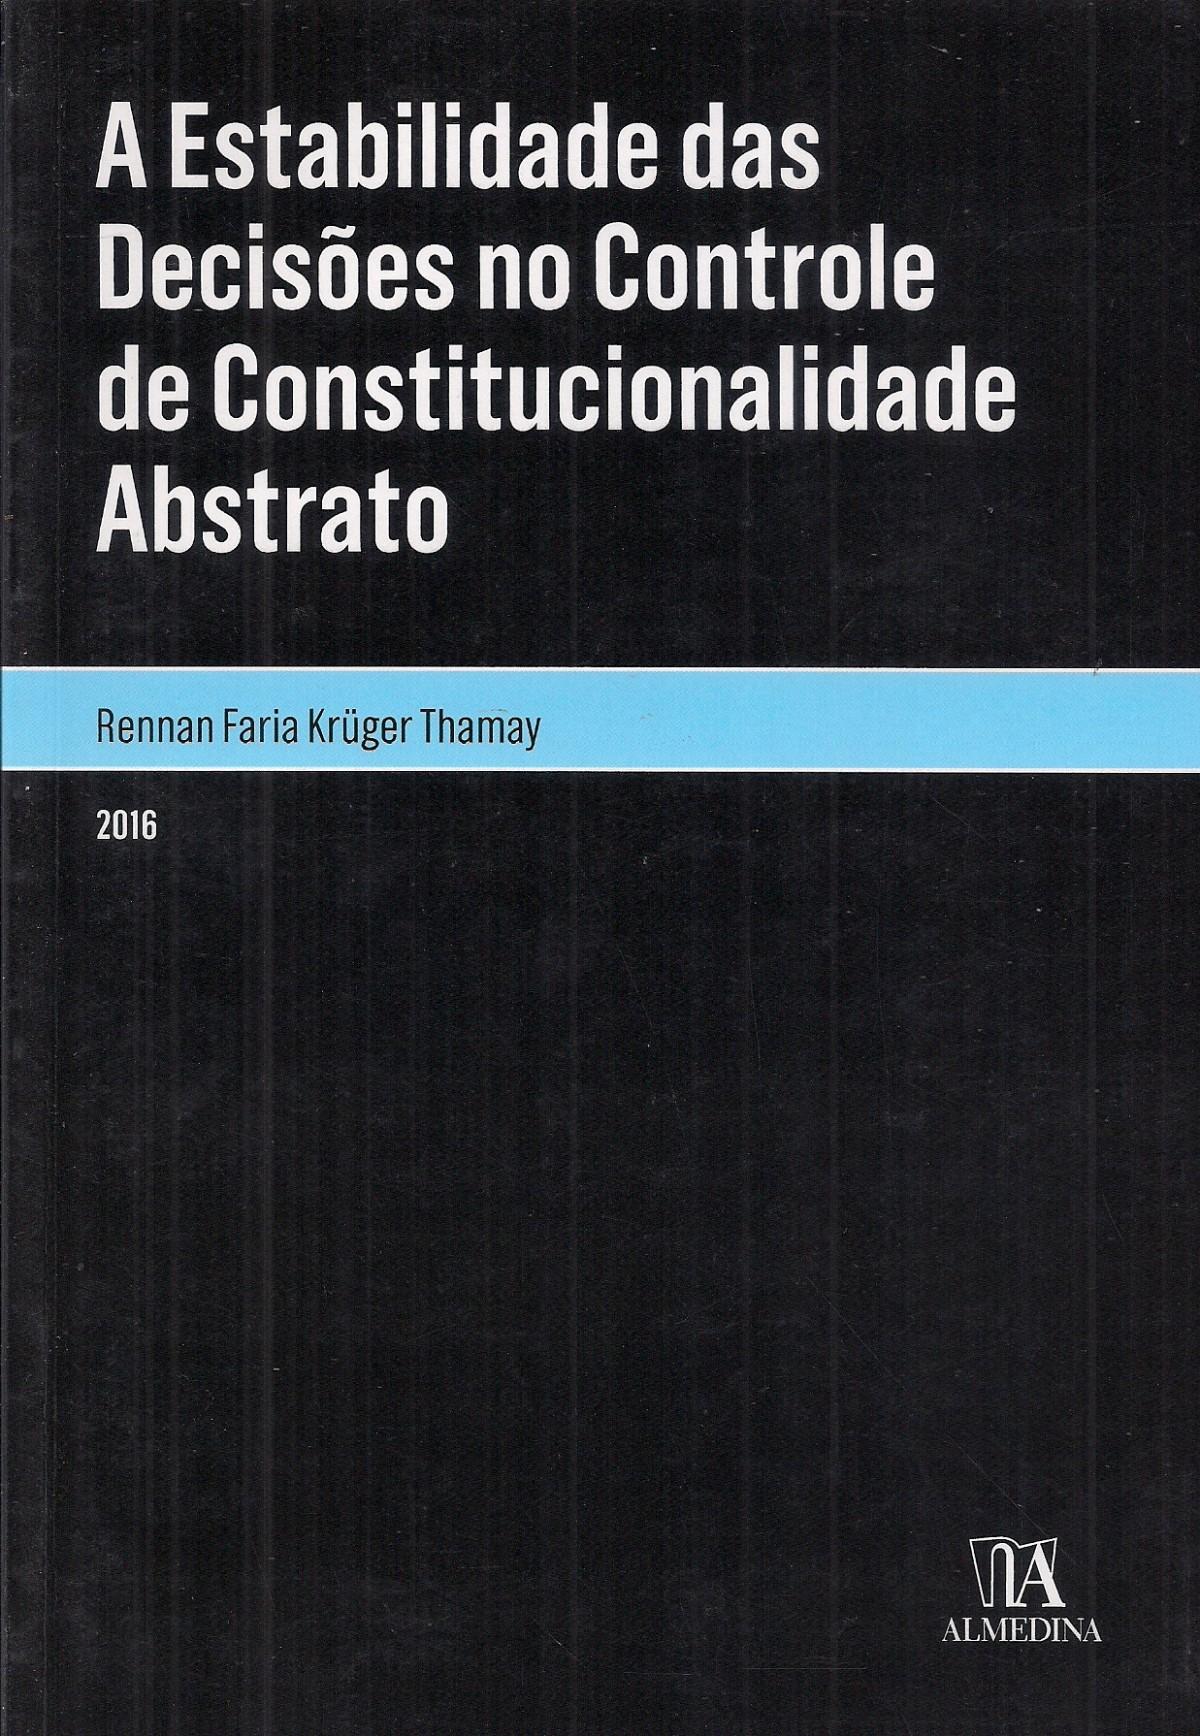 Foto 1 - A Estabilidade das Decisões no Controle de Constitucionalidade Abstrato